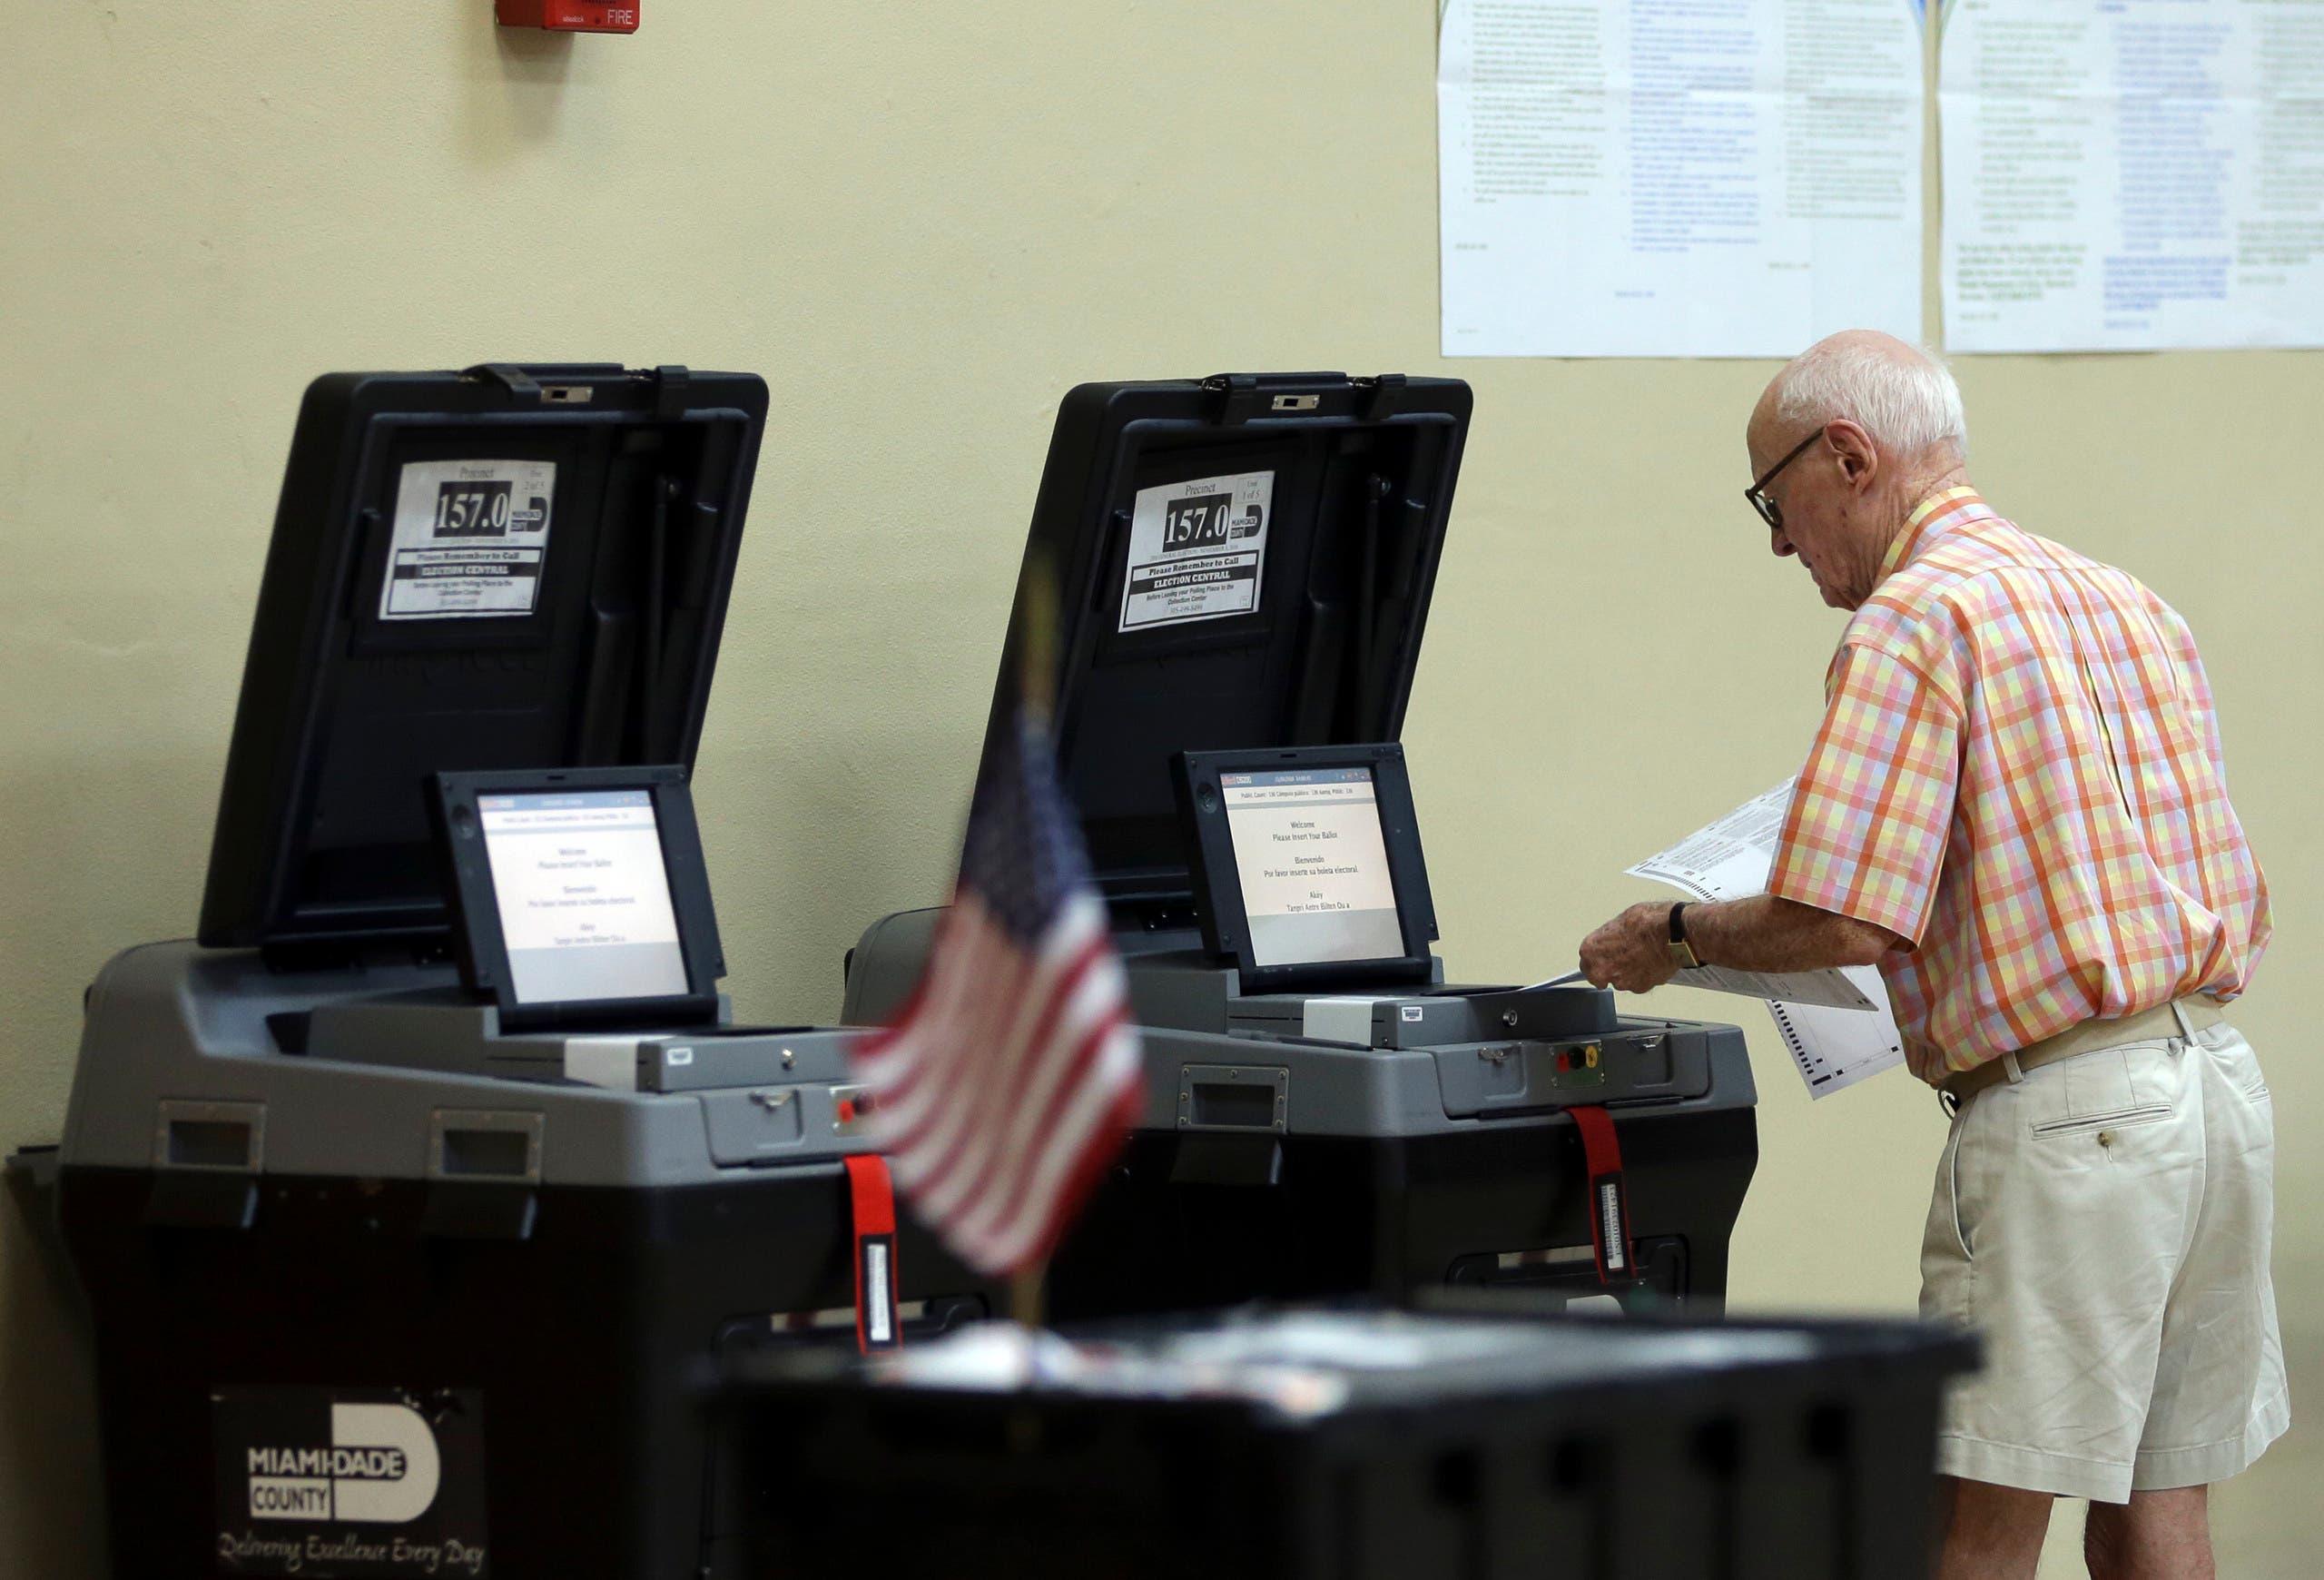 من الانتخابات السابقة في فلوريدا في 2016